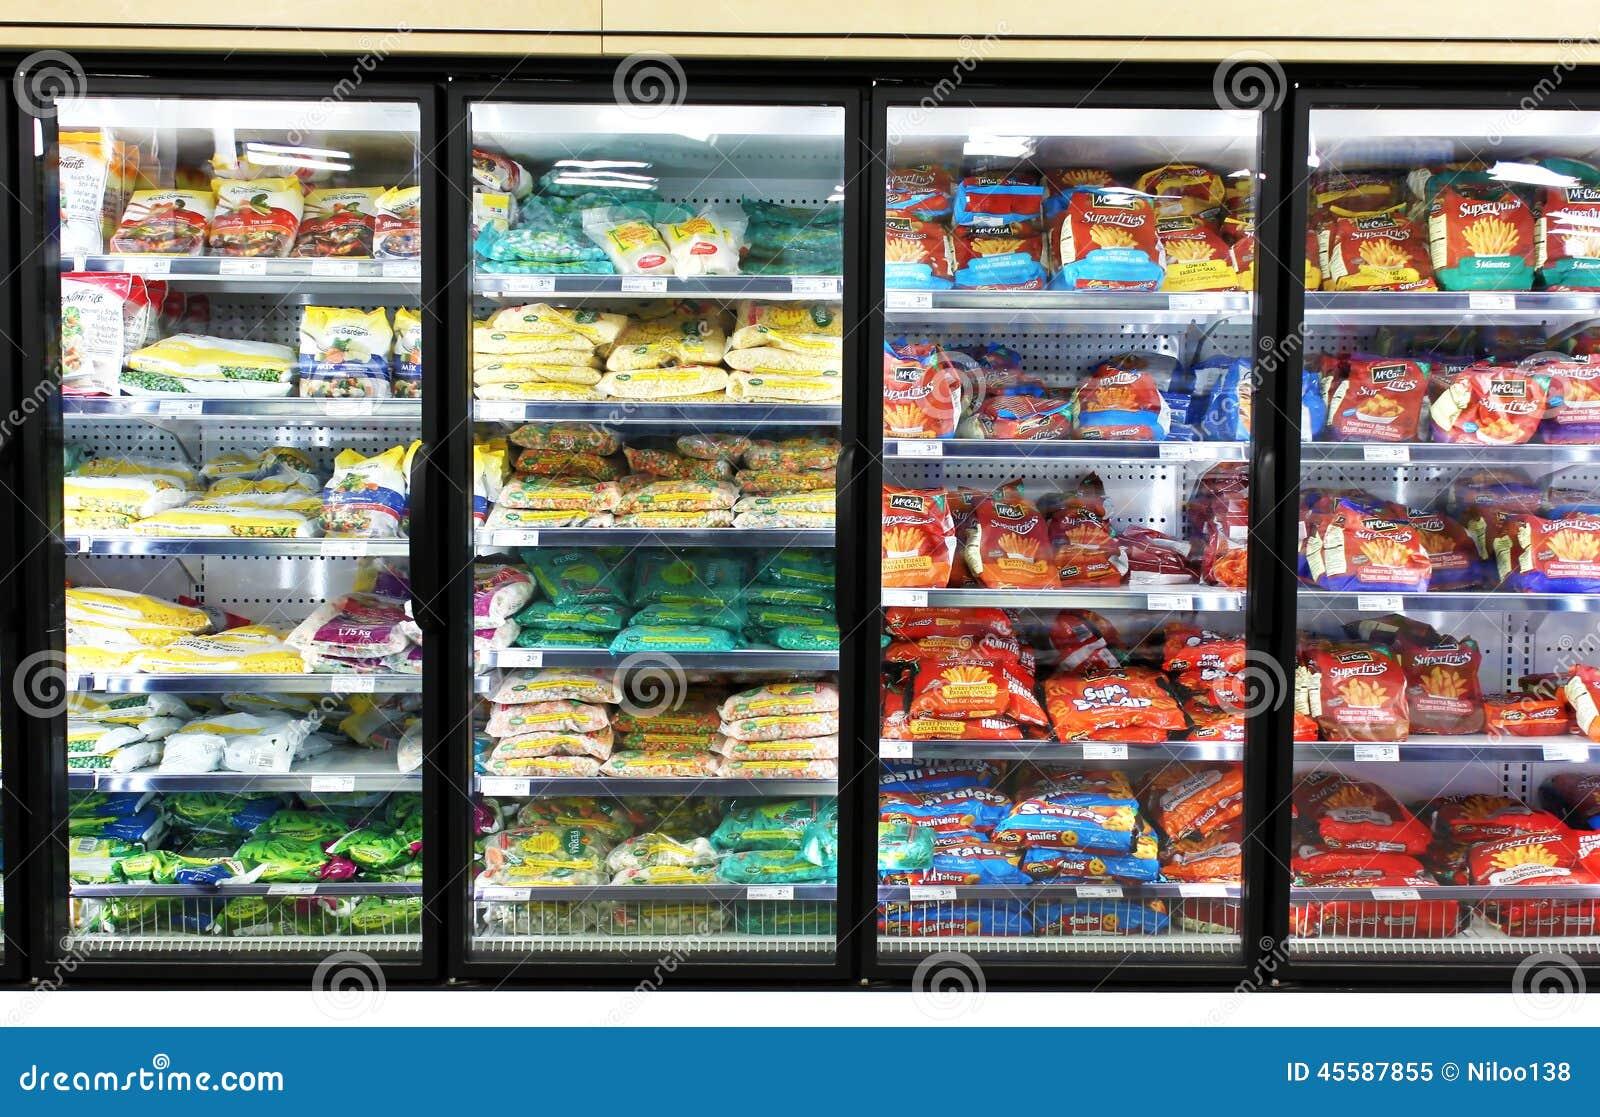 buy snacks clip art